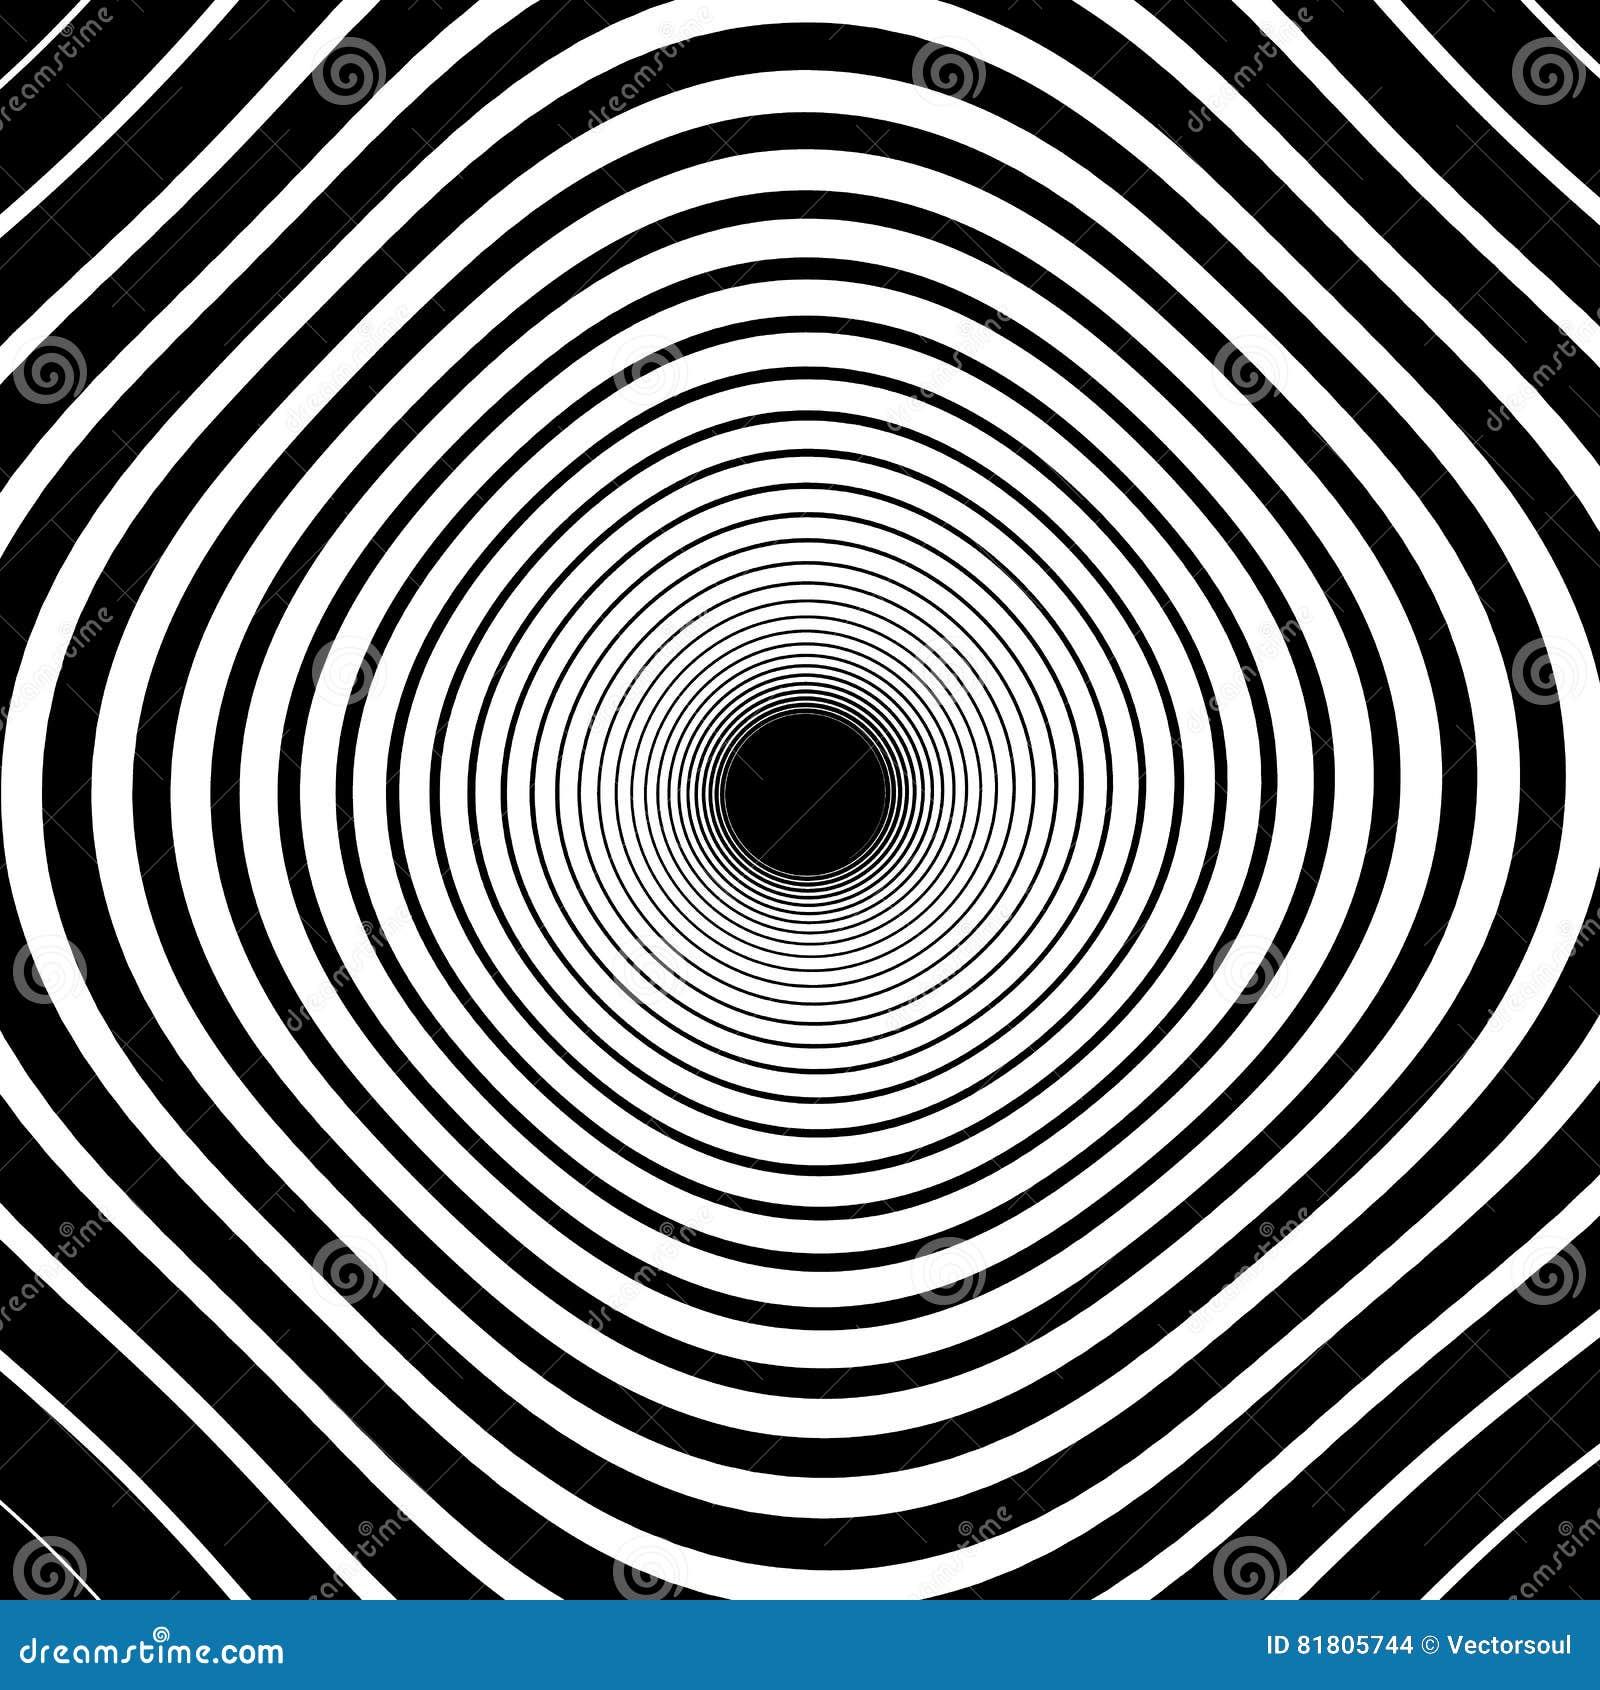 Конспекта предпосылка/элемент спирально